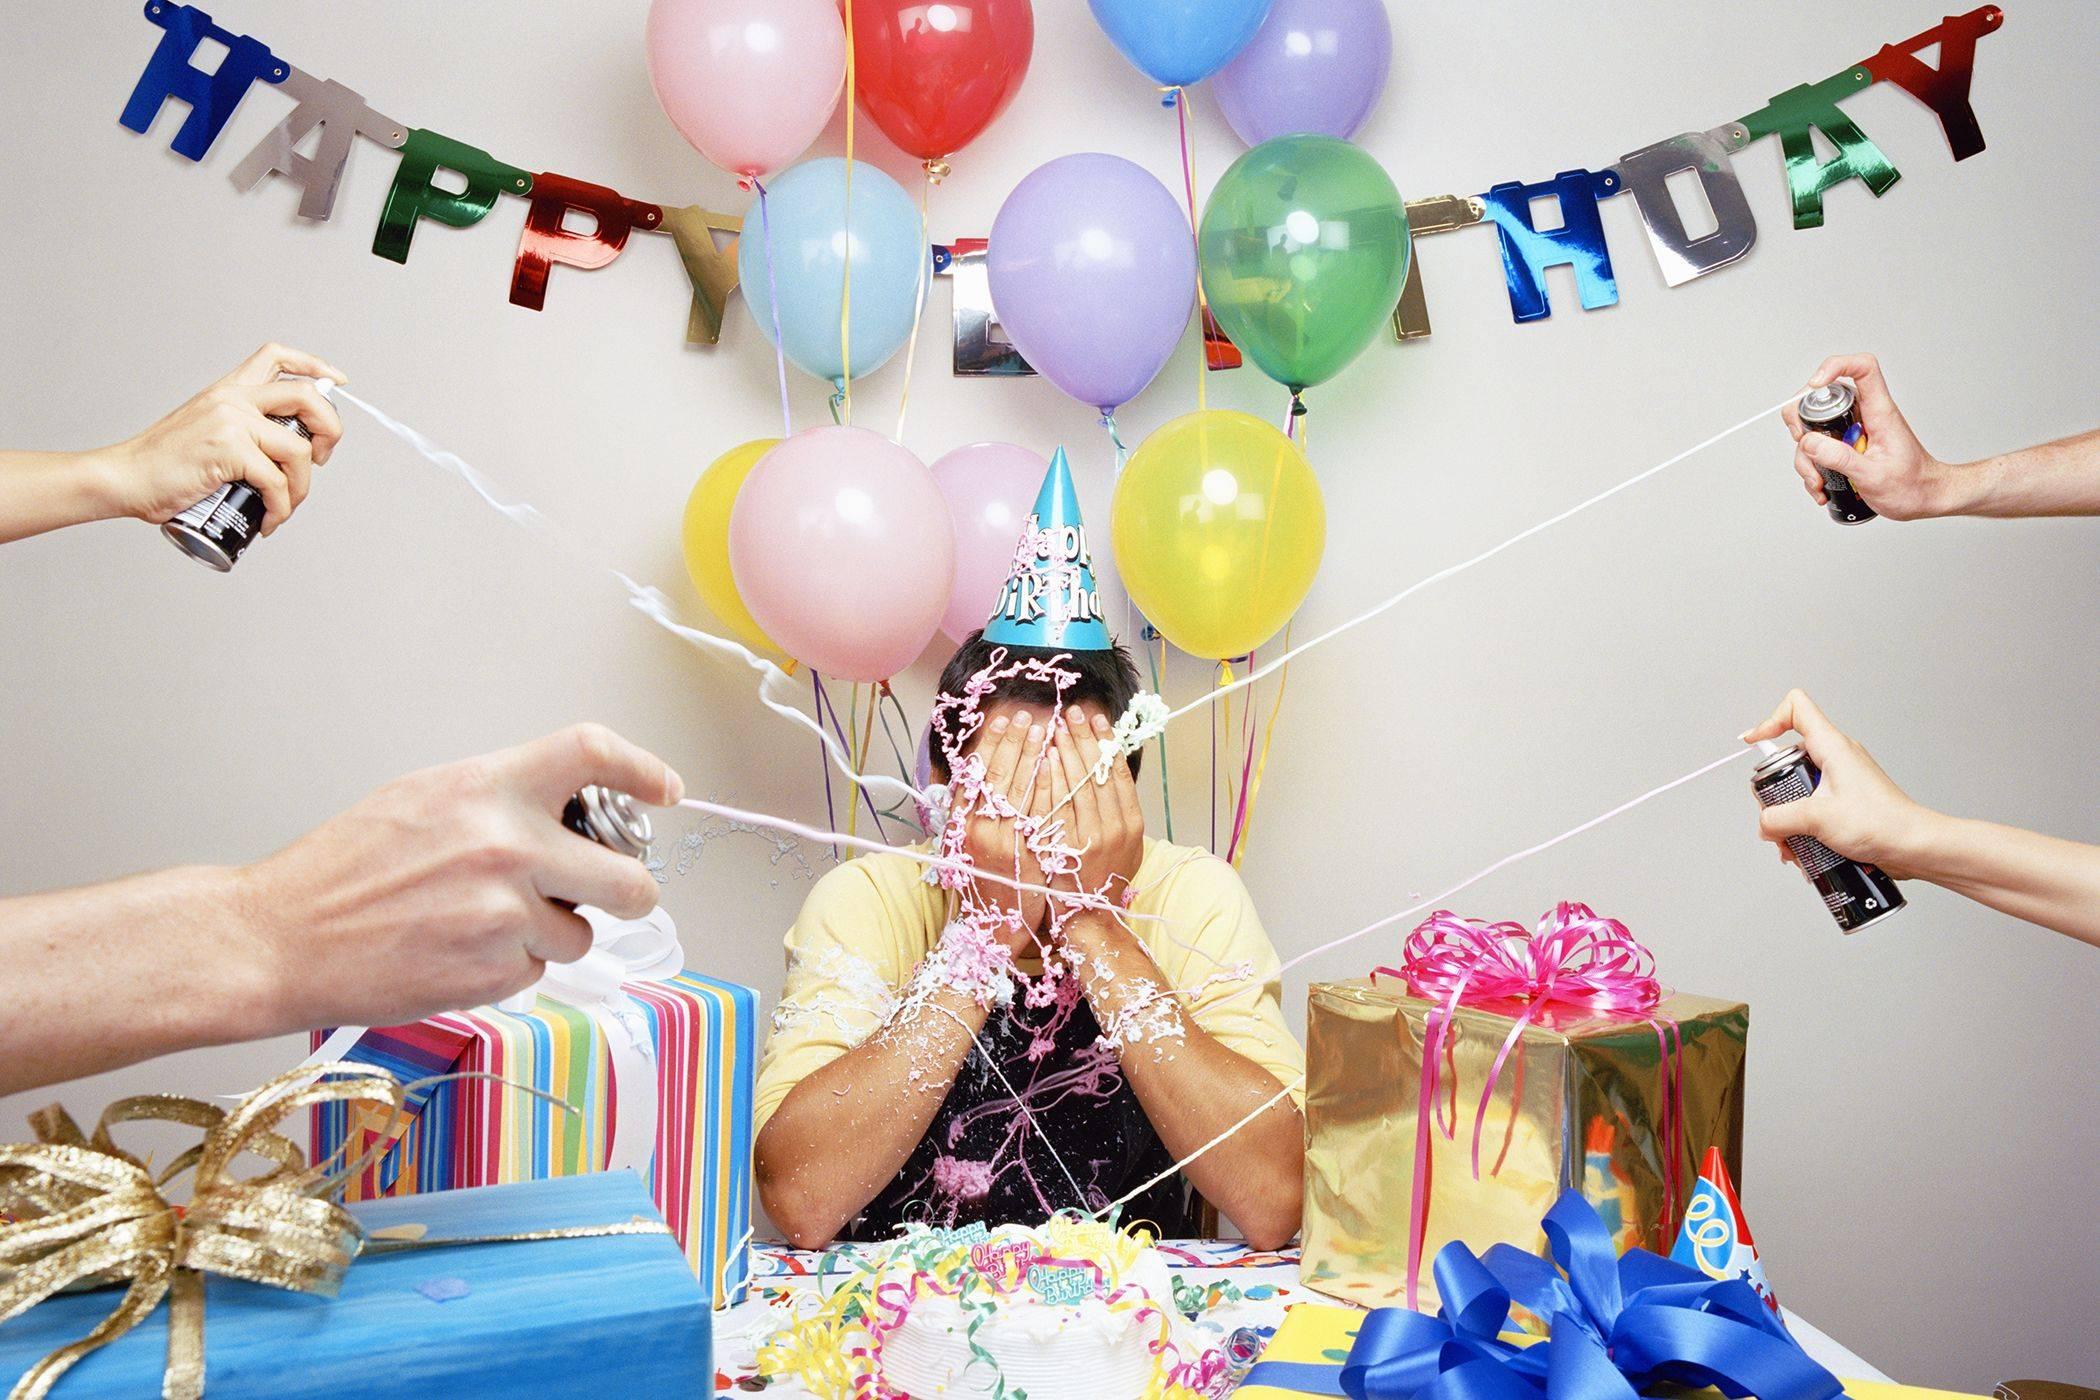 Приметы на день рождения: что можно и что нельзя делать